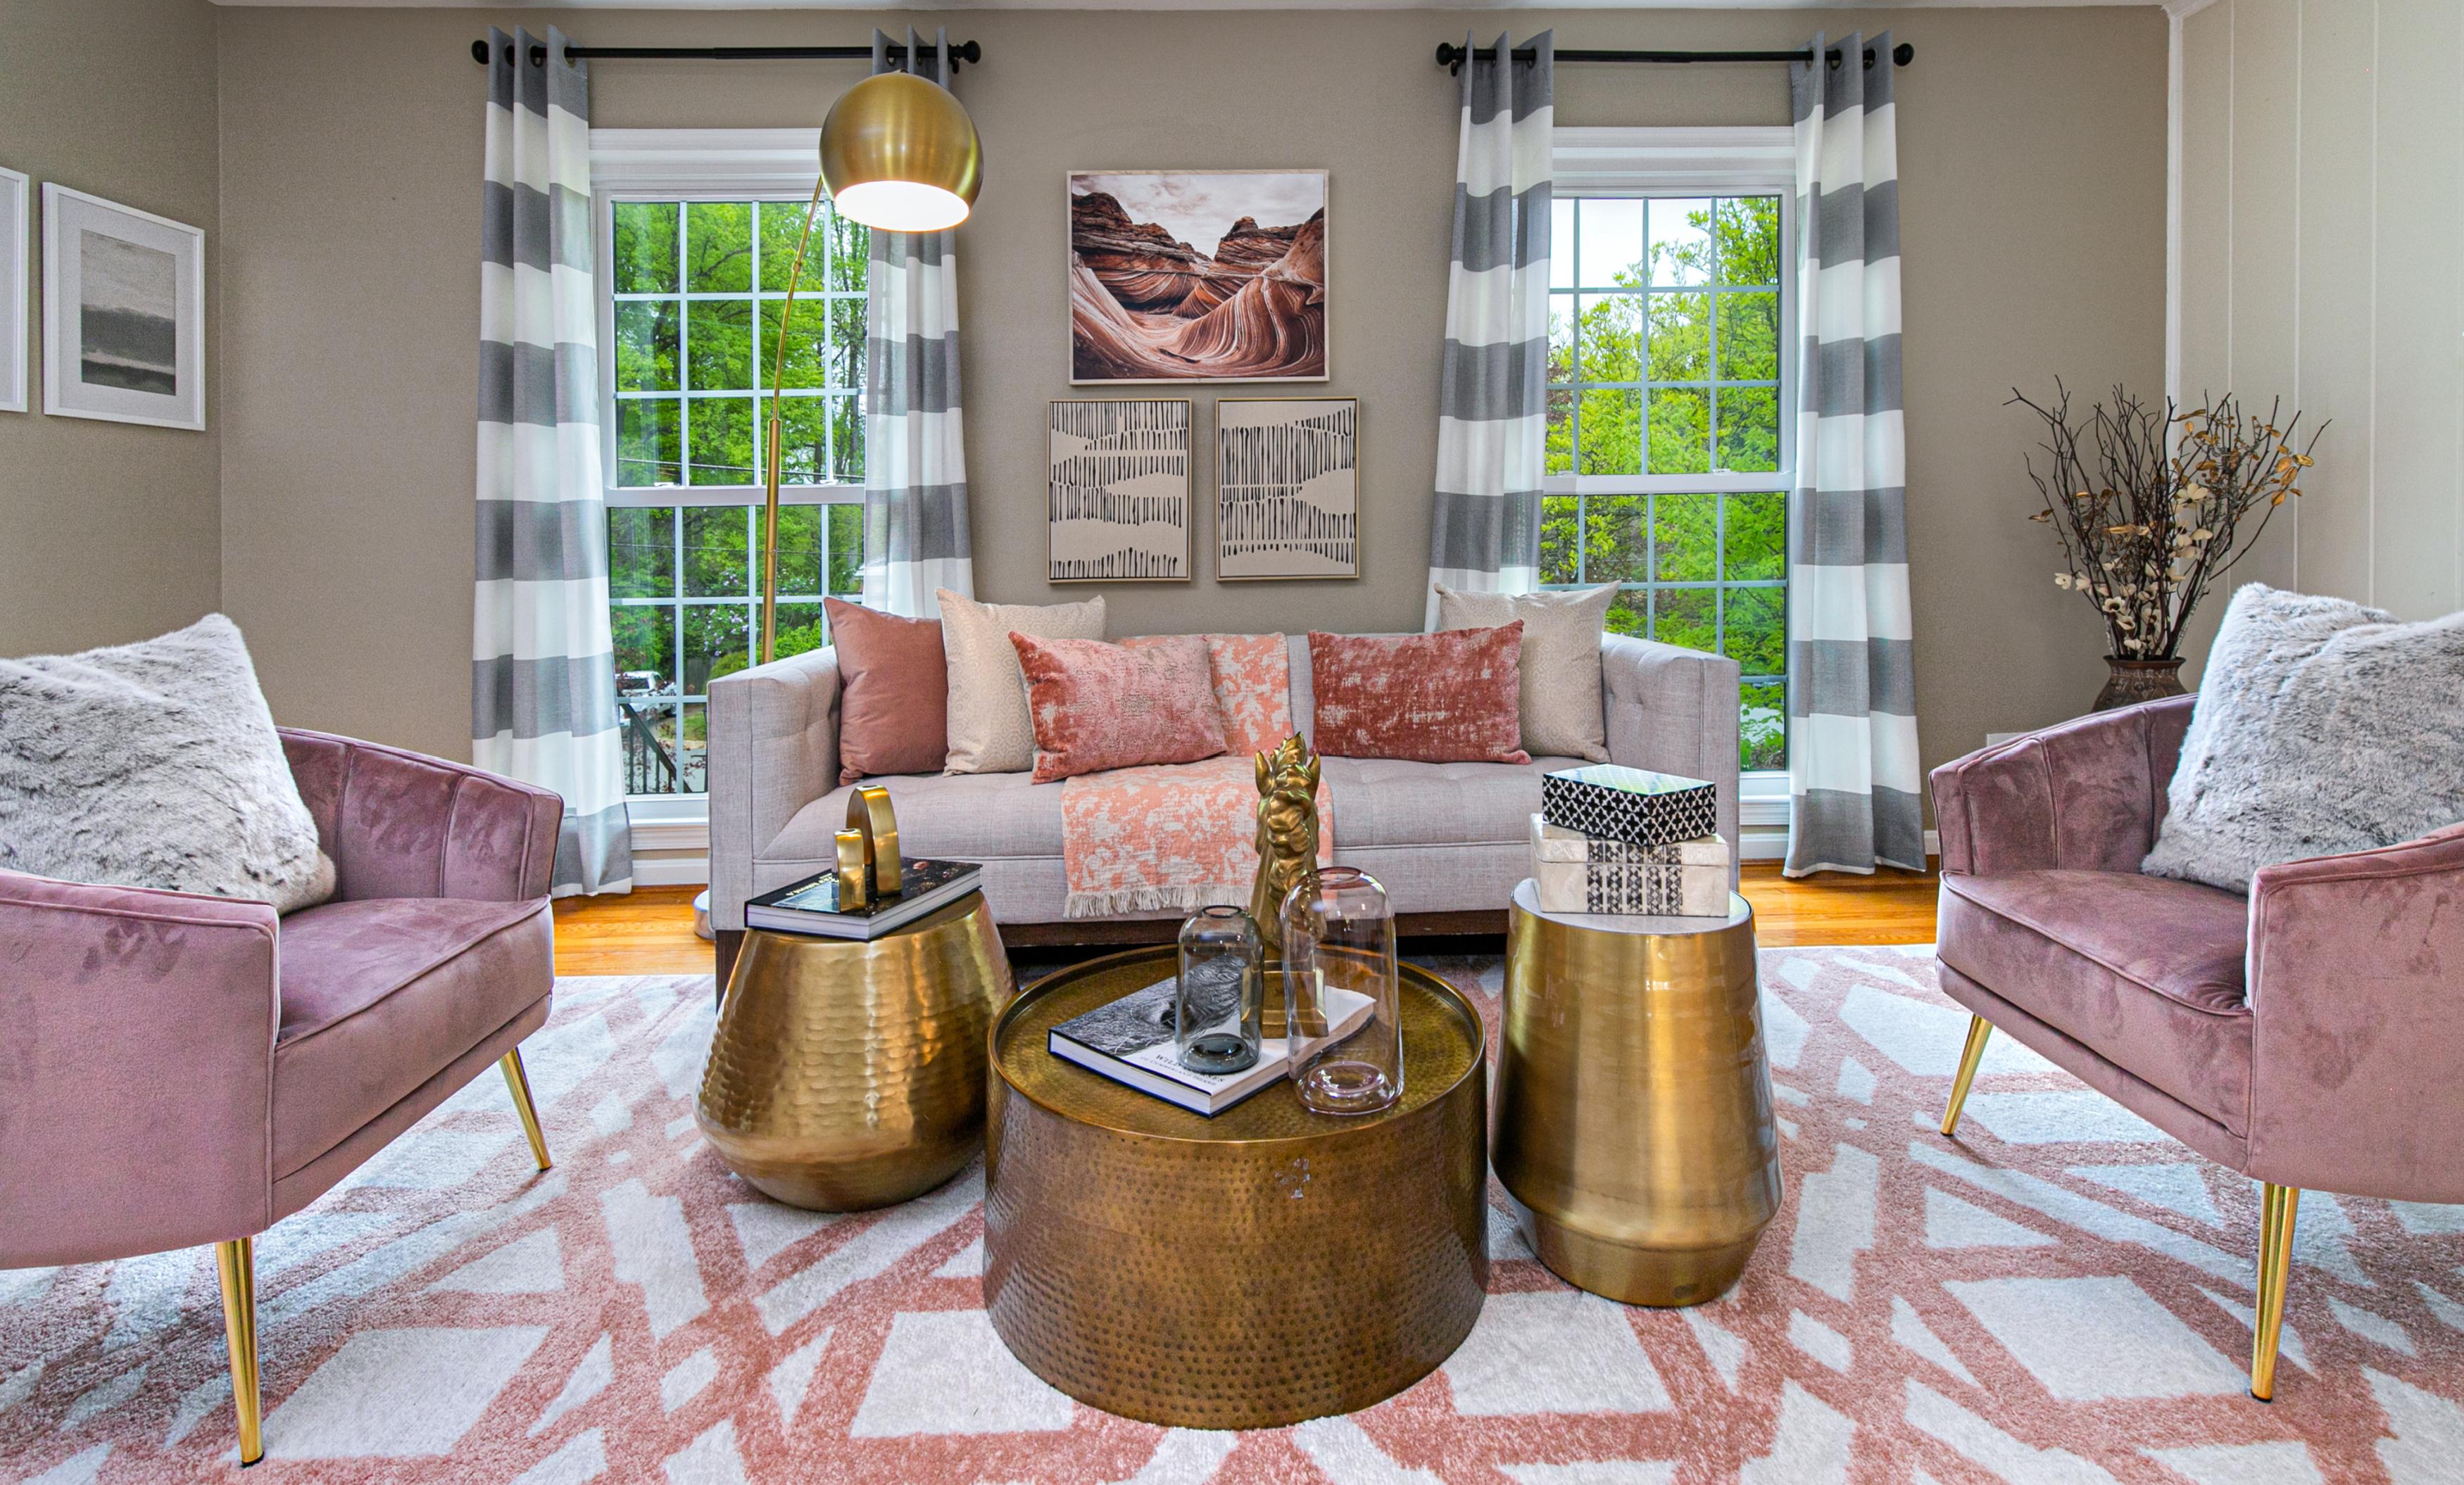 Living room dream!